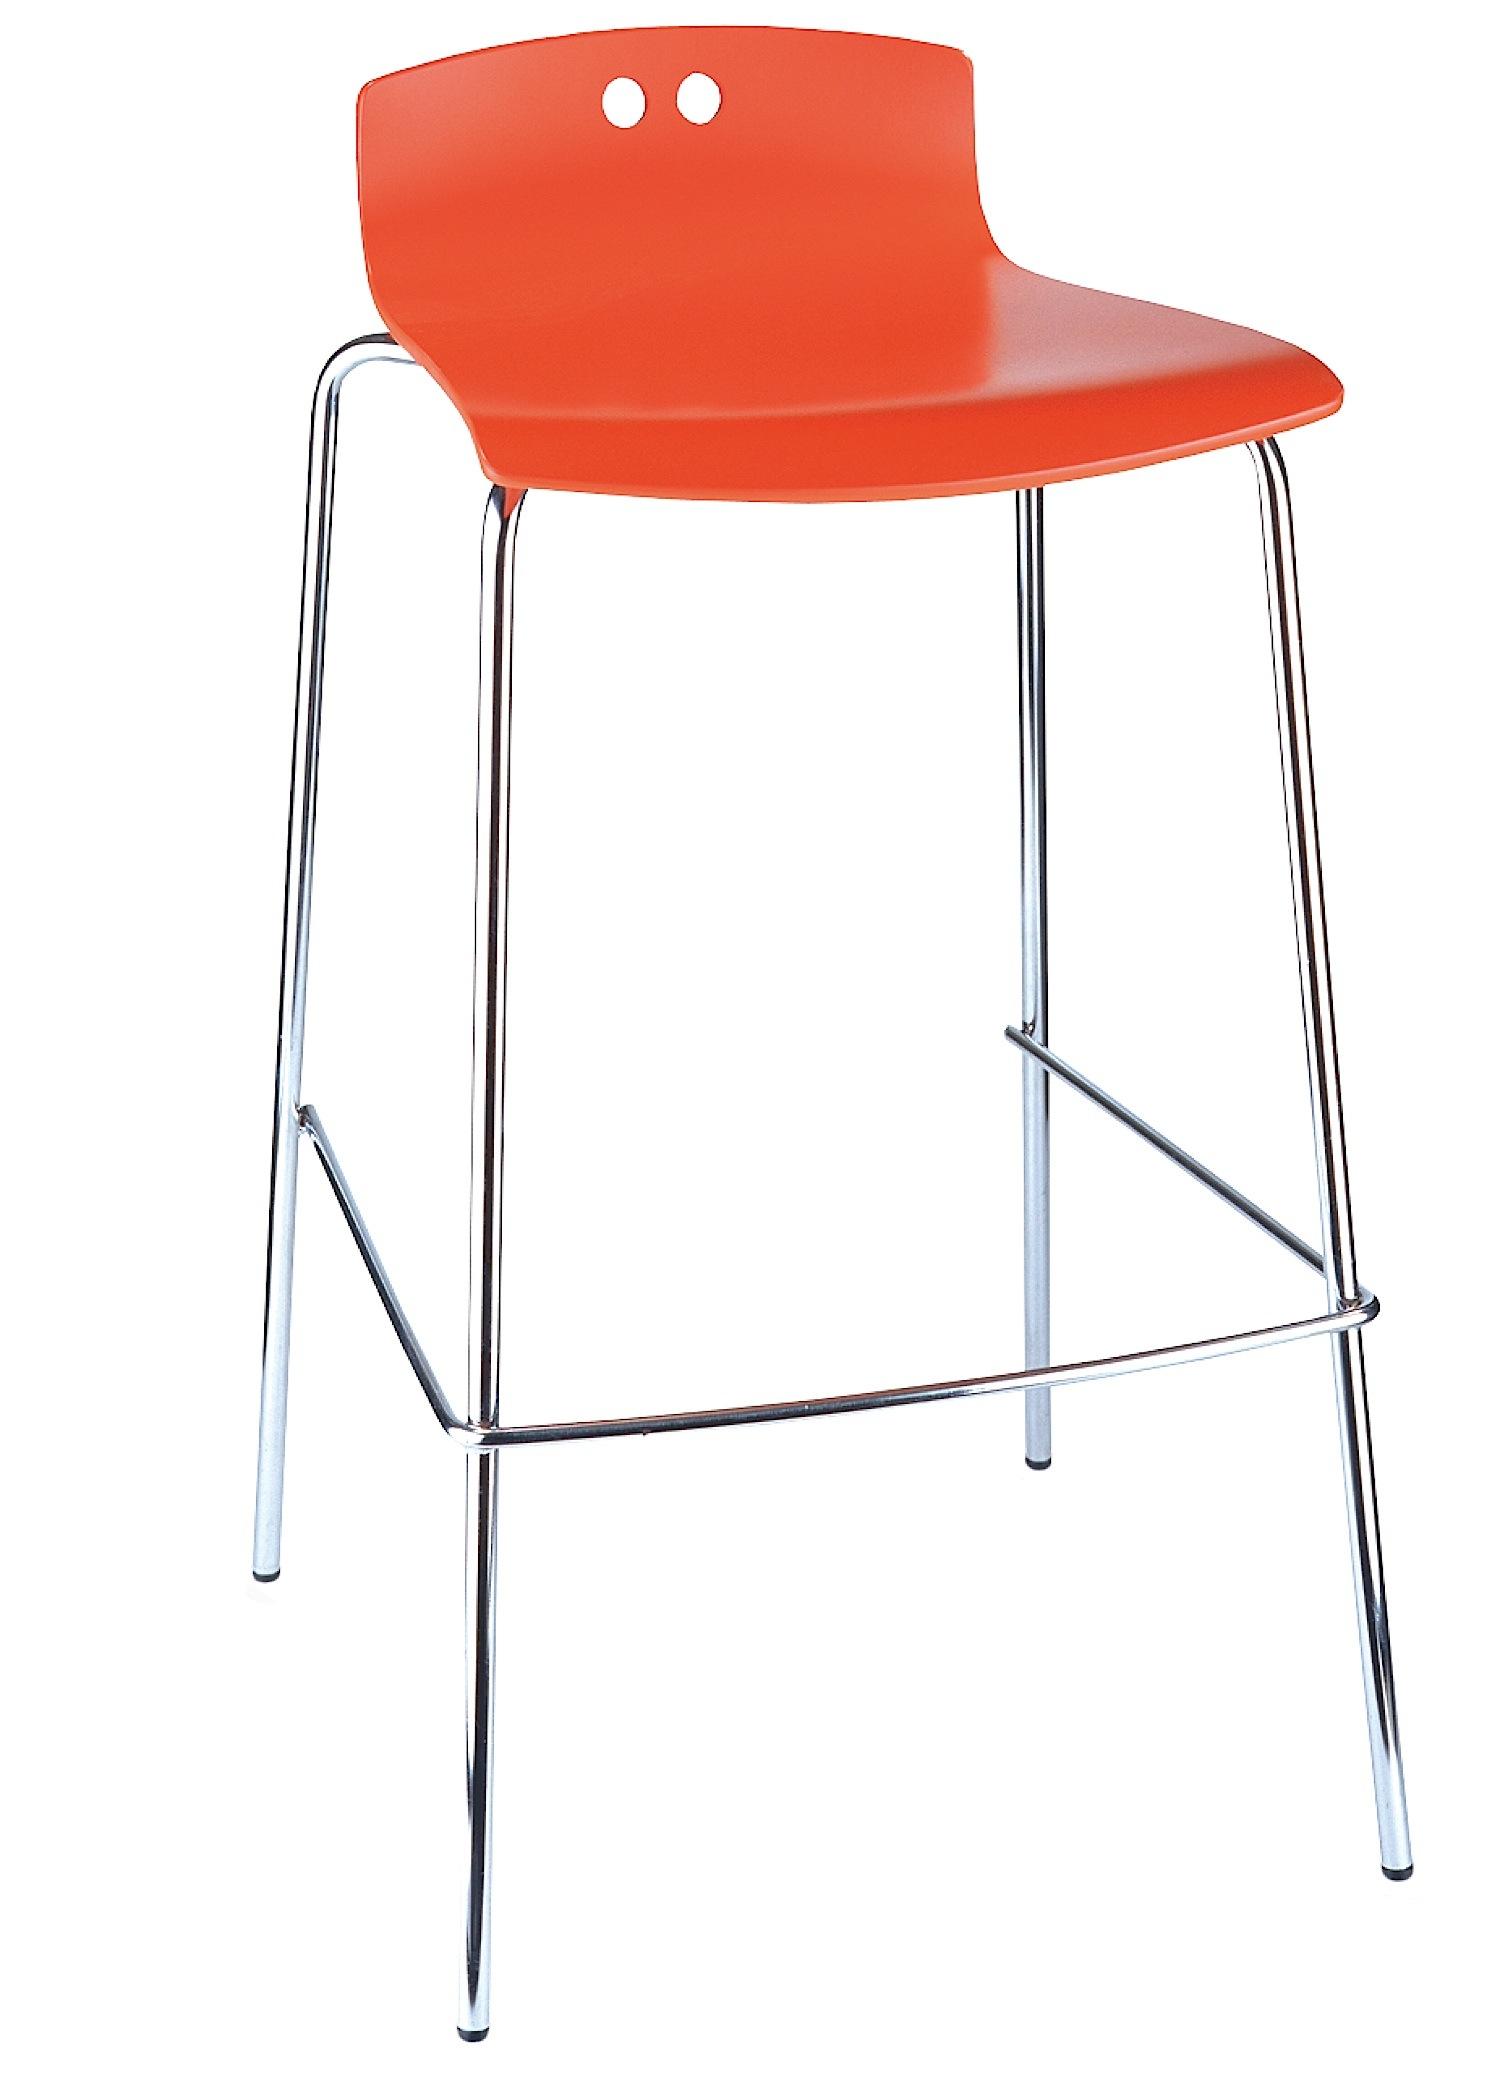 shaker orange 2 kopi.jpg